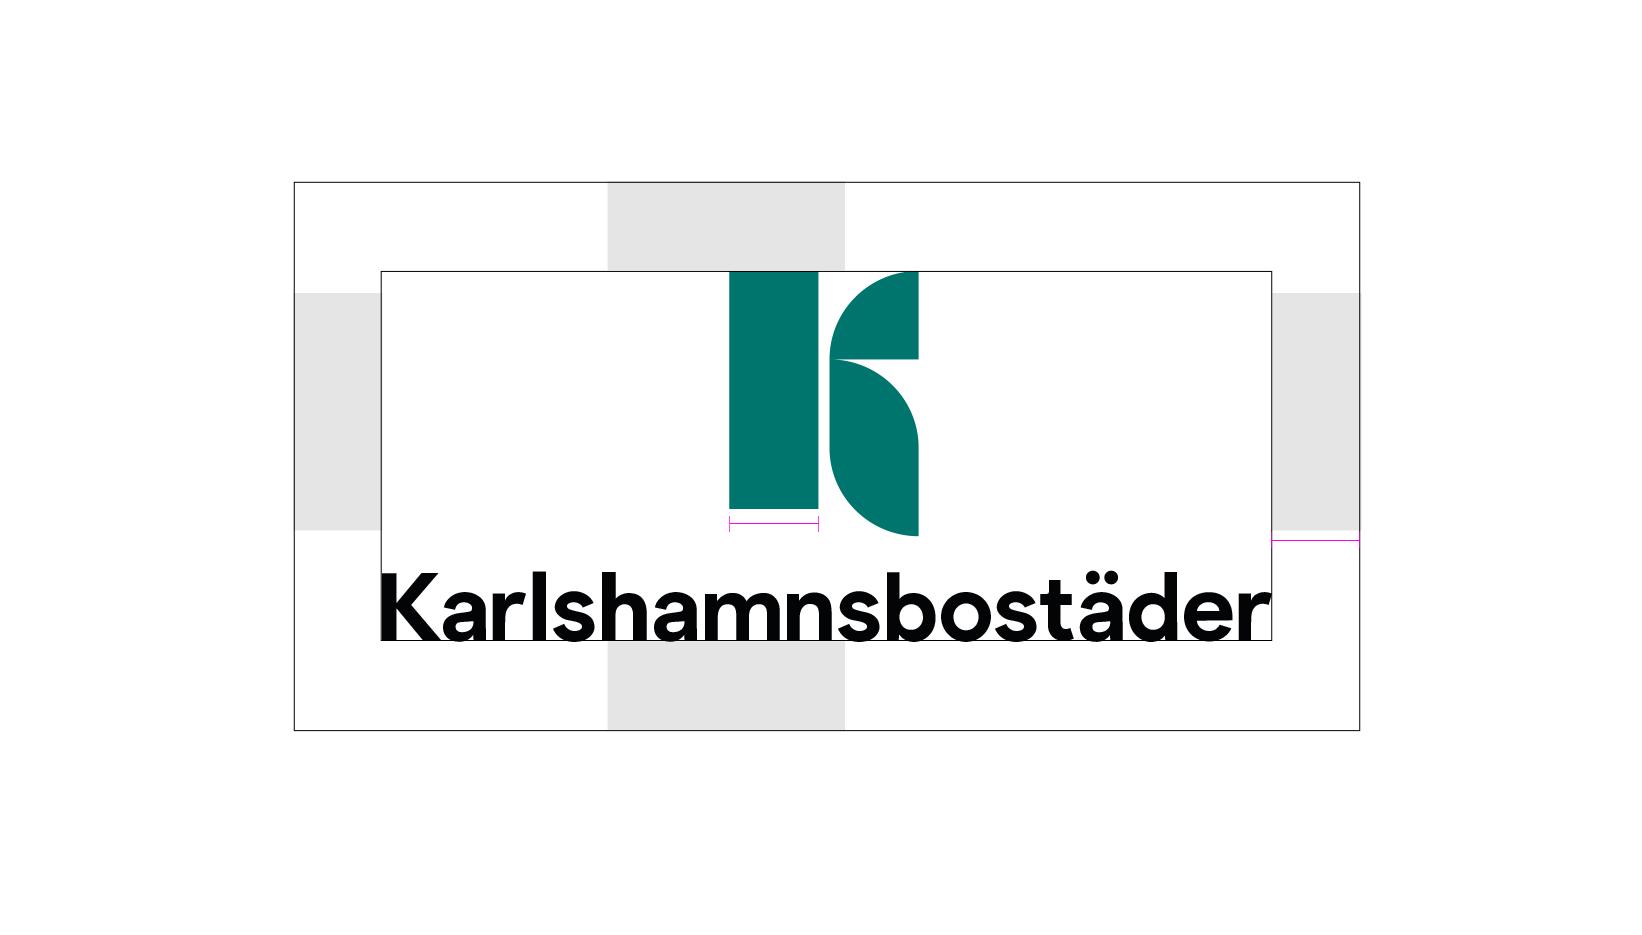 kb_logo_friyta